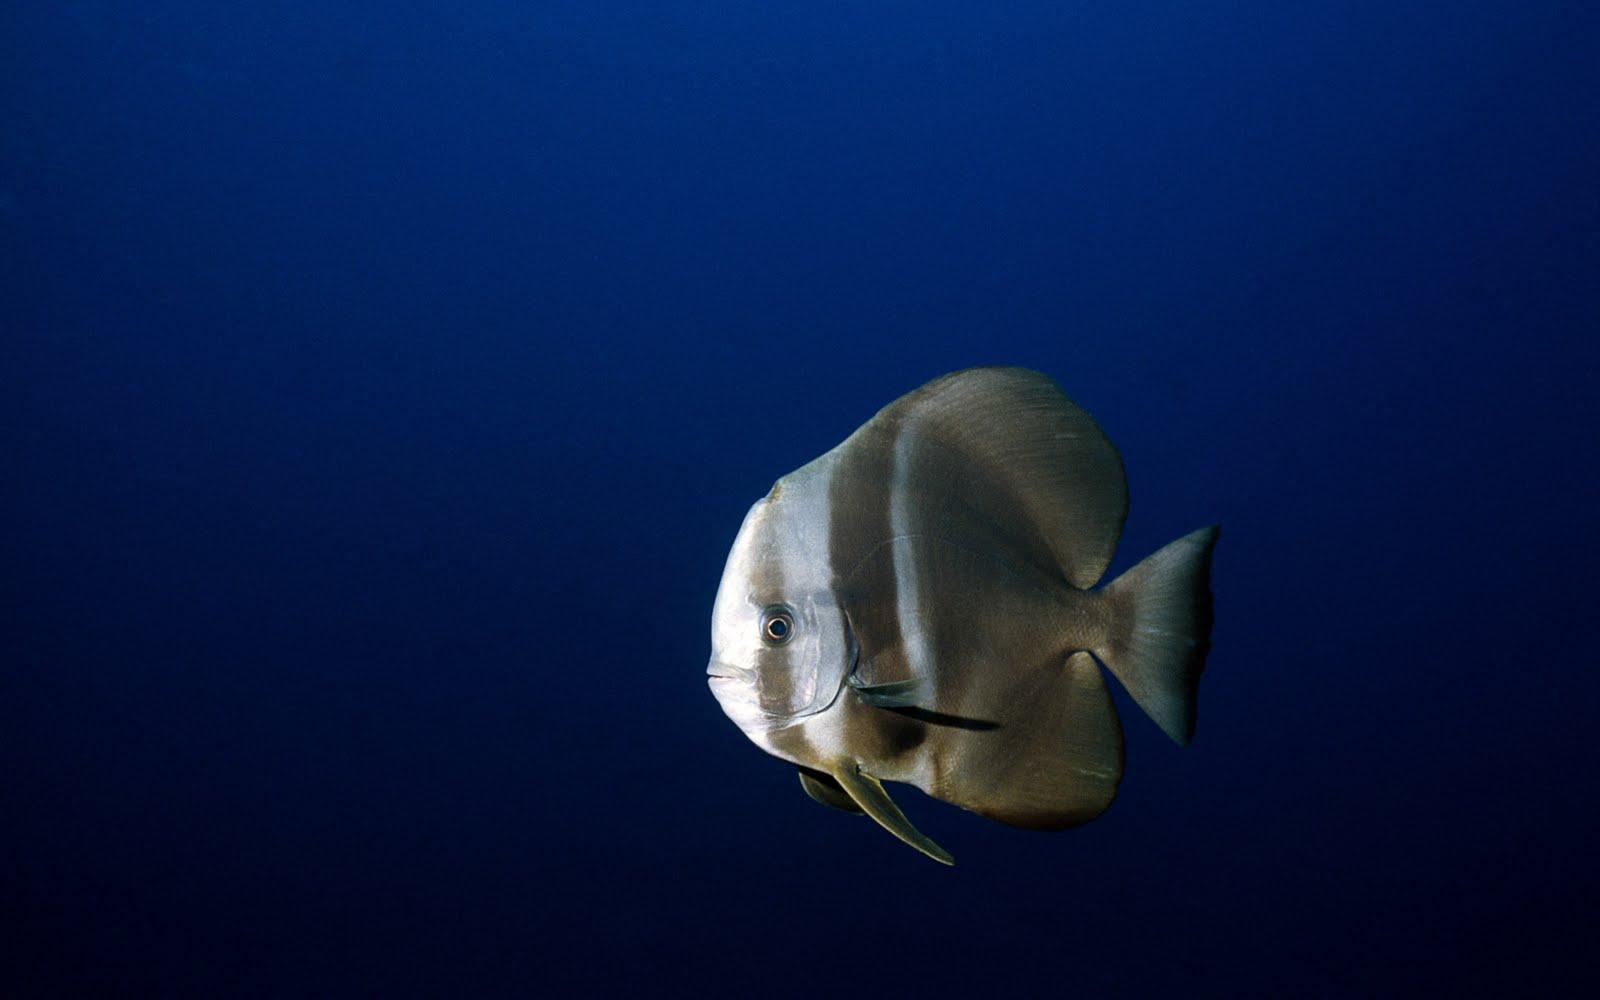 http://4.bp.blogspot.com/-Llvl-kS_zYY/TkksTPx4JuI/AAAAAAAAEdc/w39gA6ANoQo/s1600/DEEP-SEA-WALLPAPER-3D-FISH%2B%25281%2529.jpg